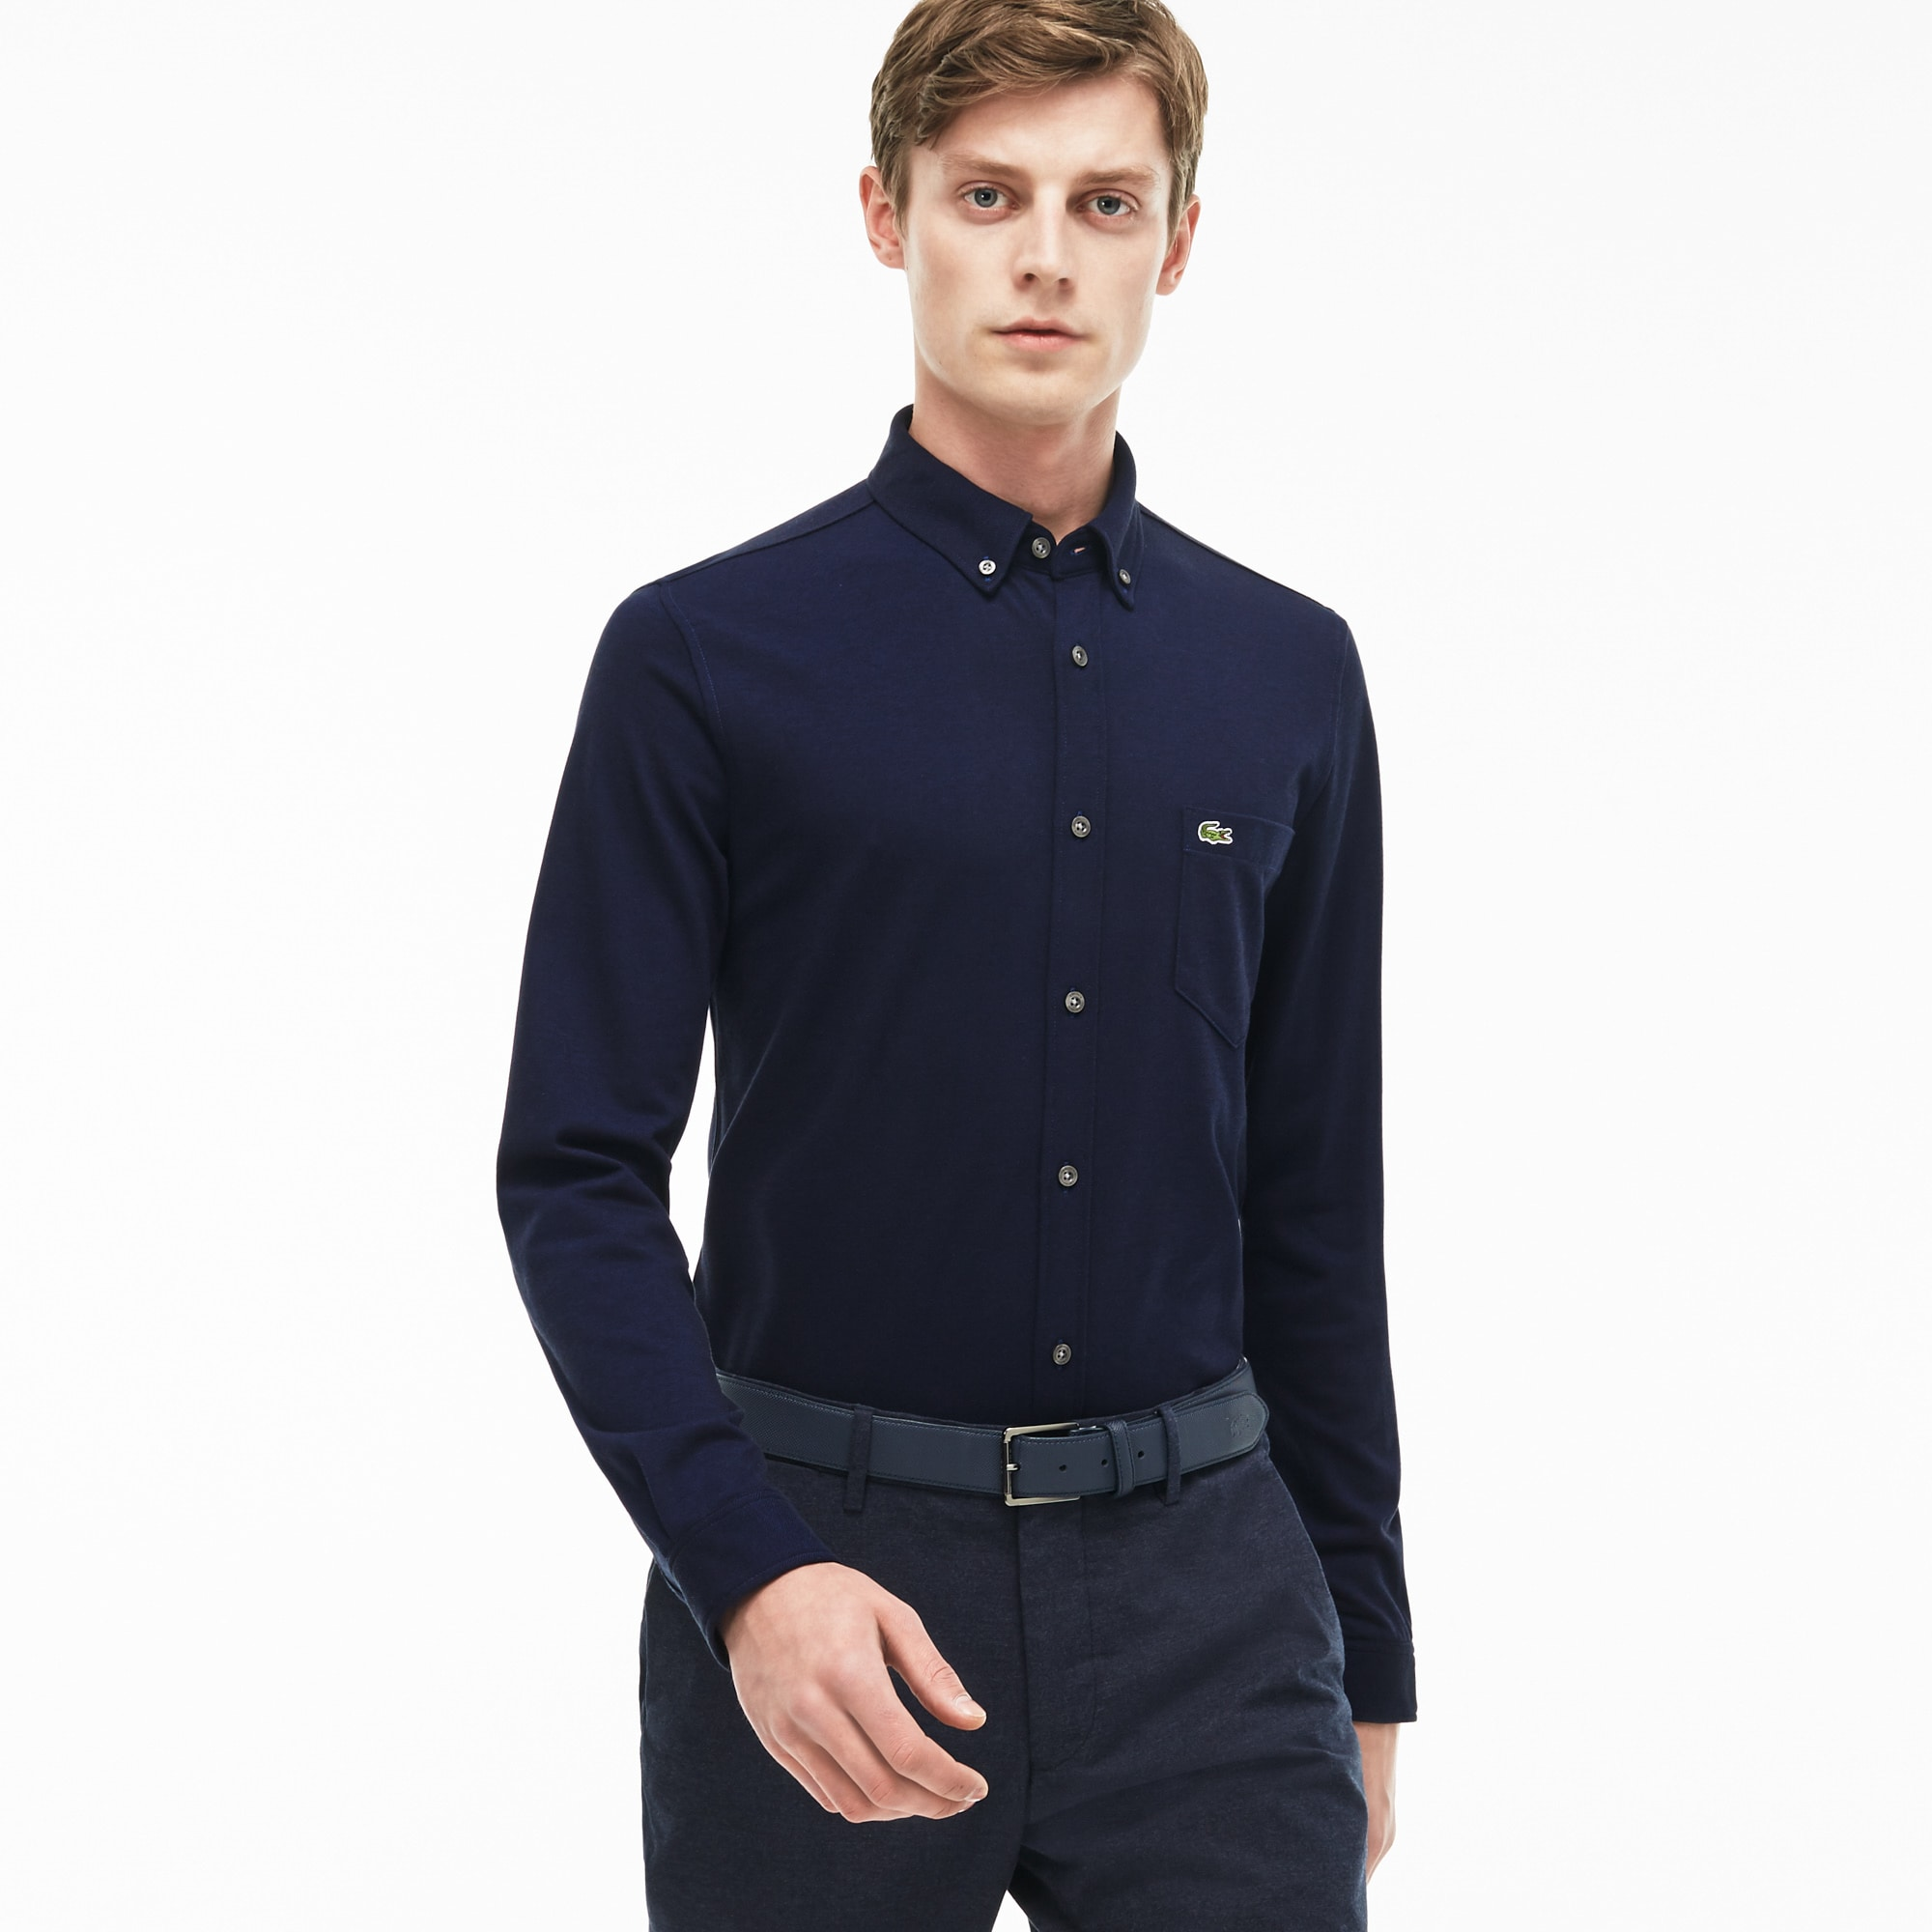 Camisa Slim Fit em jersey de algodão unicolor